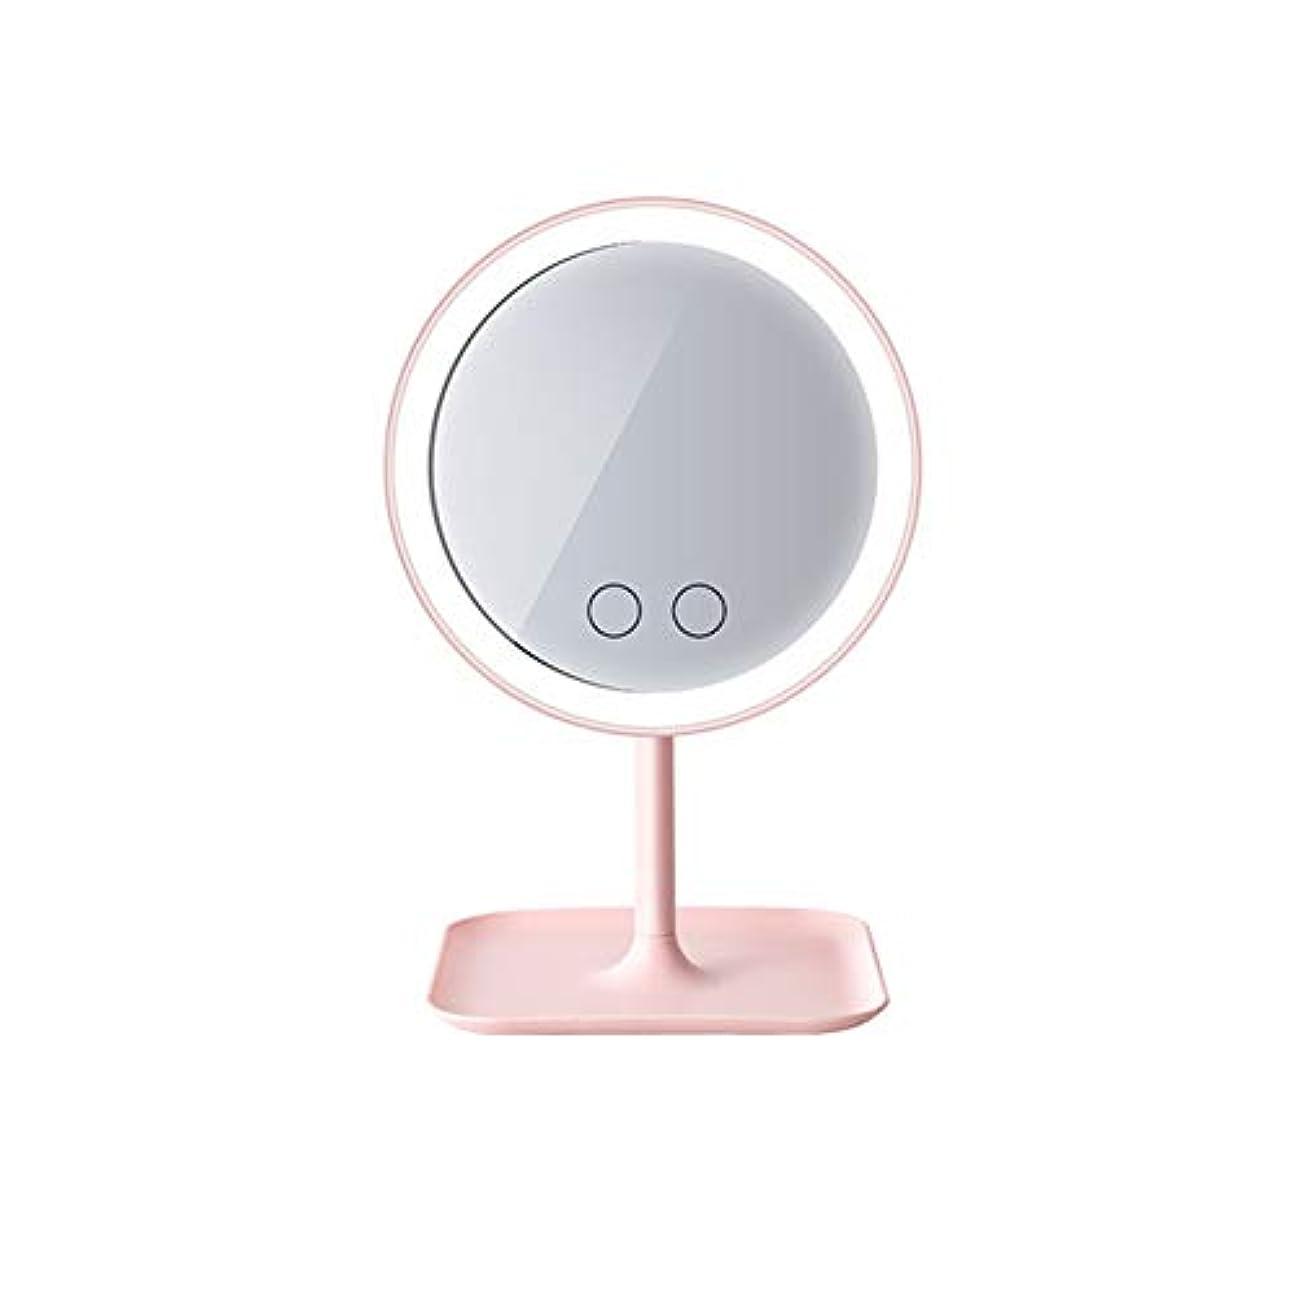 声を出して死ぬ地獄Vi.yo 化粧鏡 化粧ミラー led付き 寒暖色 明るさ 調節可能 90° 回転 電池 USB (ピンク)